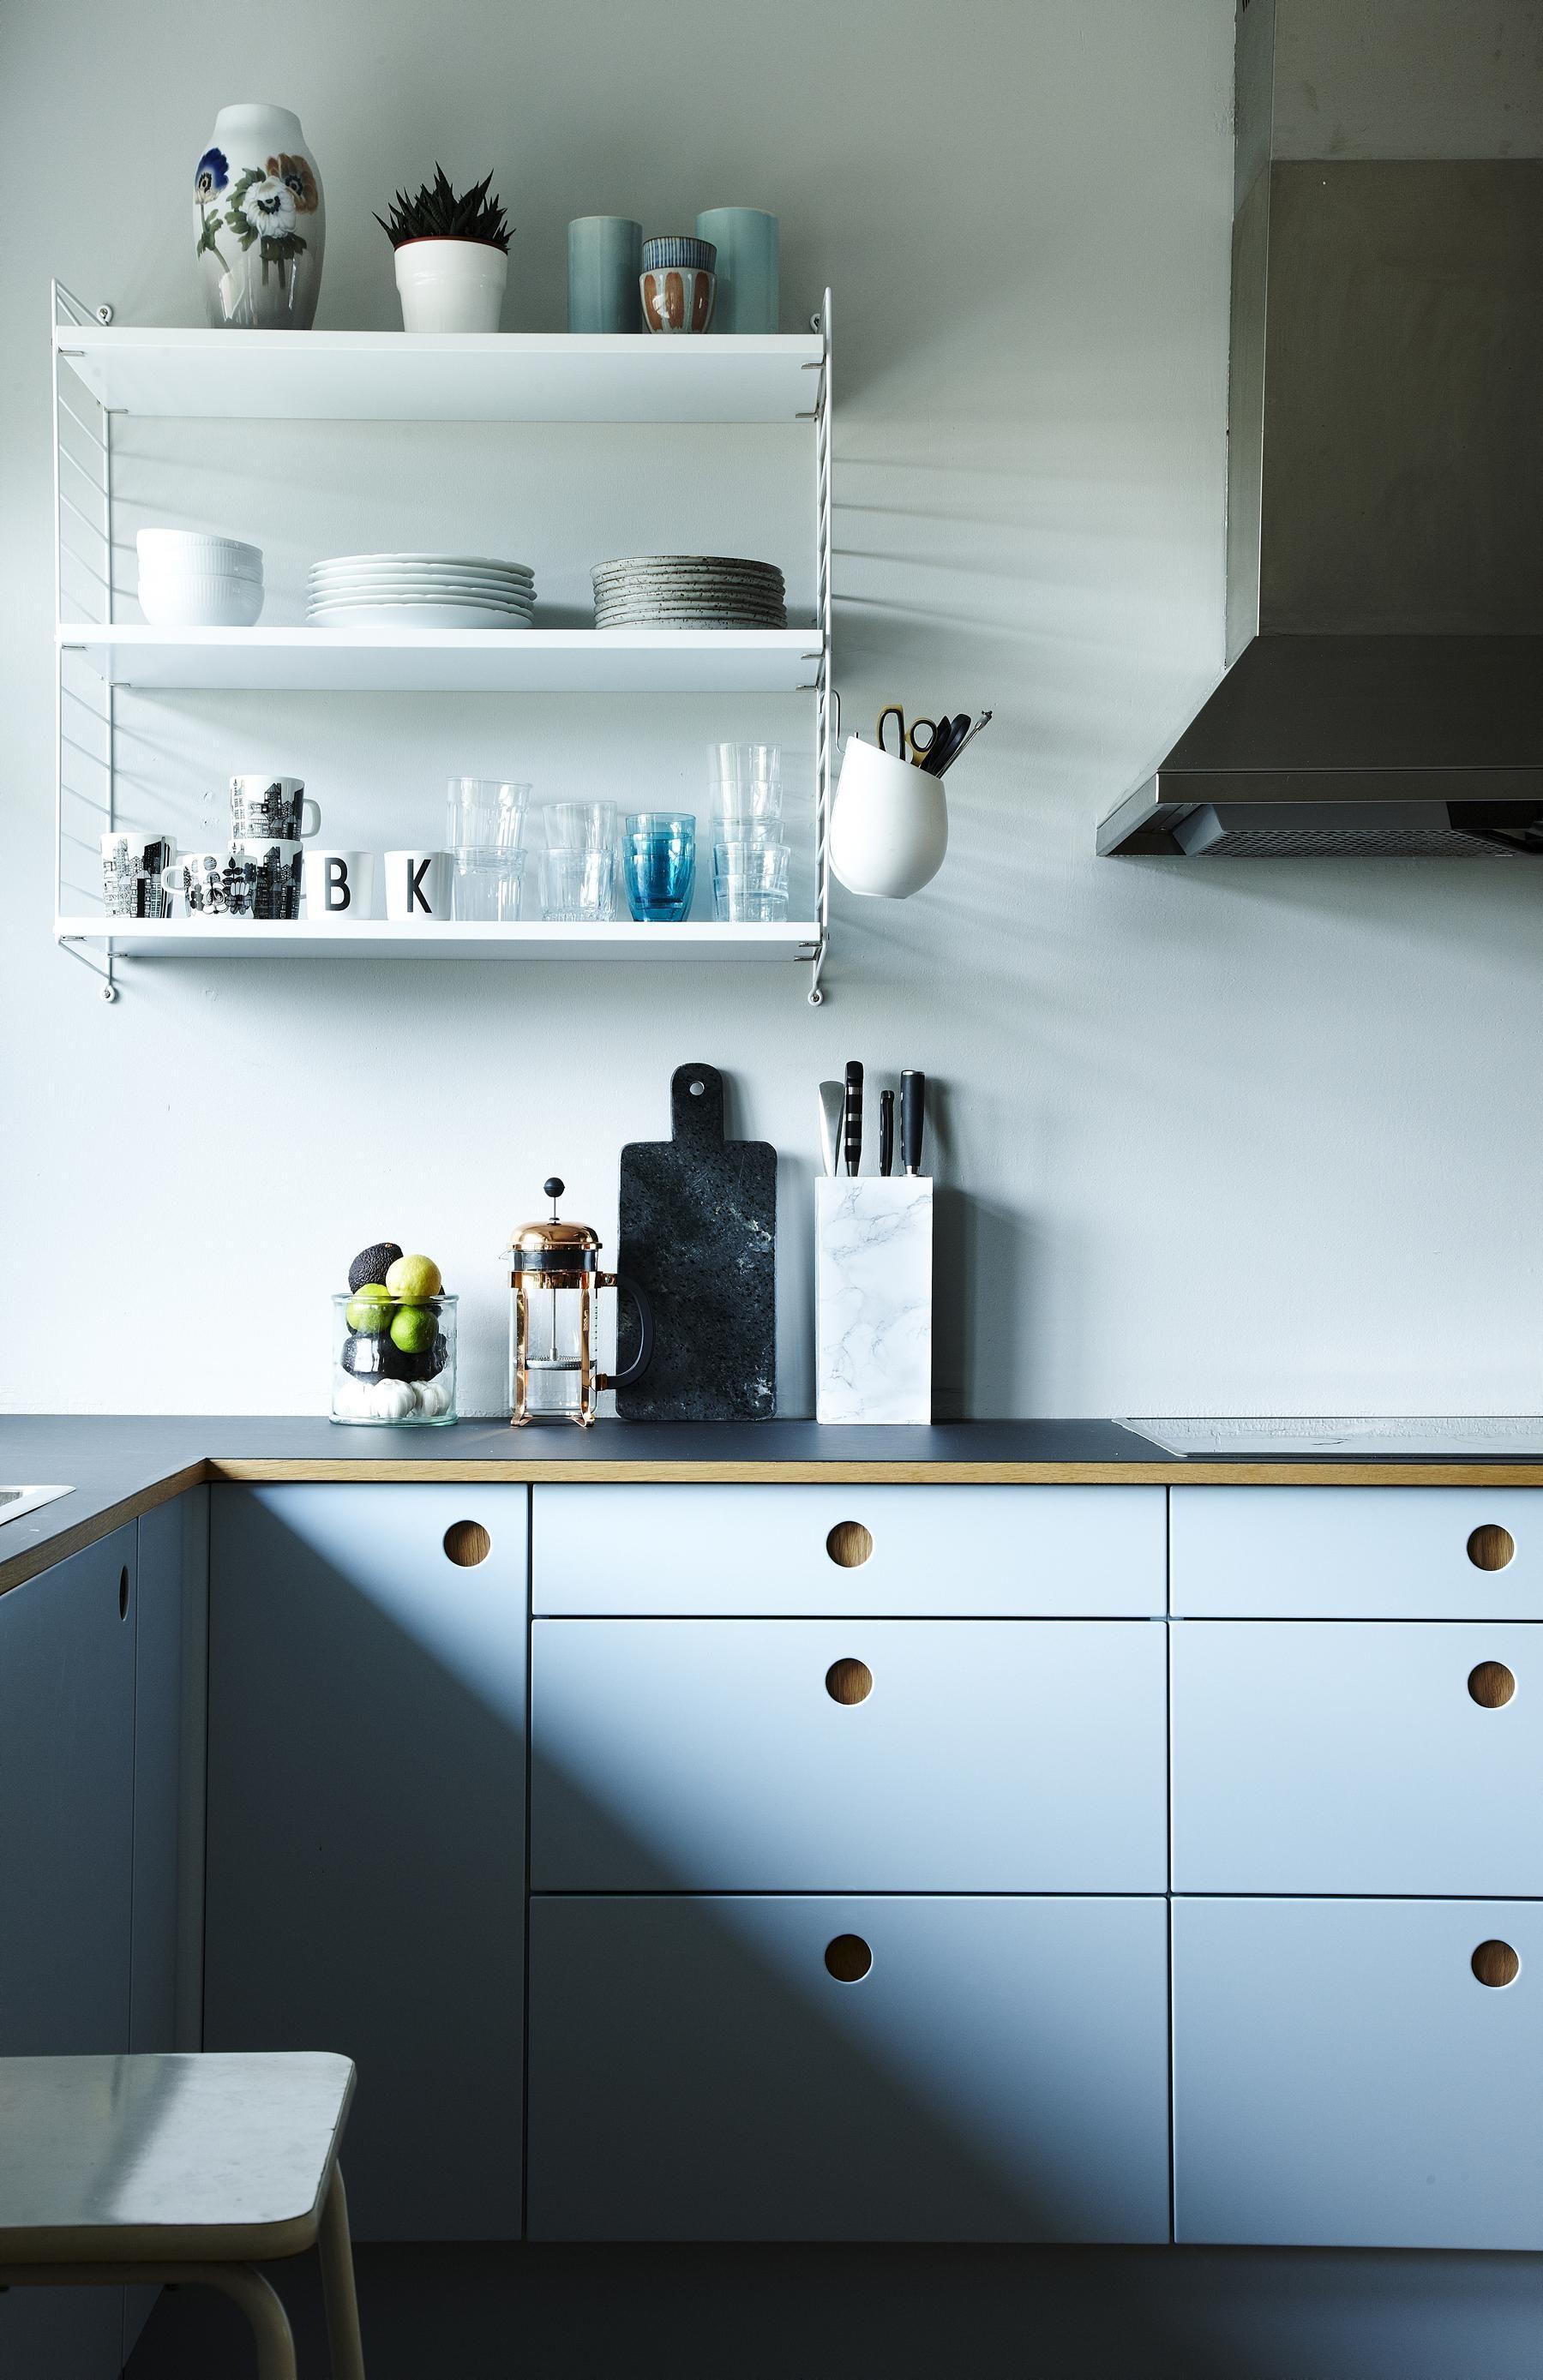 fe39 INDRET03 bolig sml før-efter sag julies køkken ikea-hacking ...